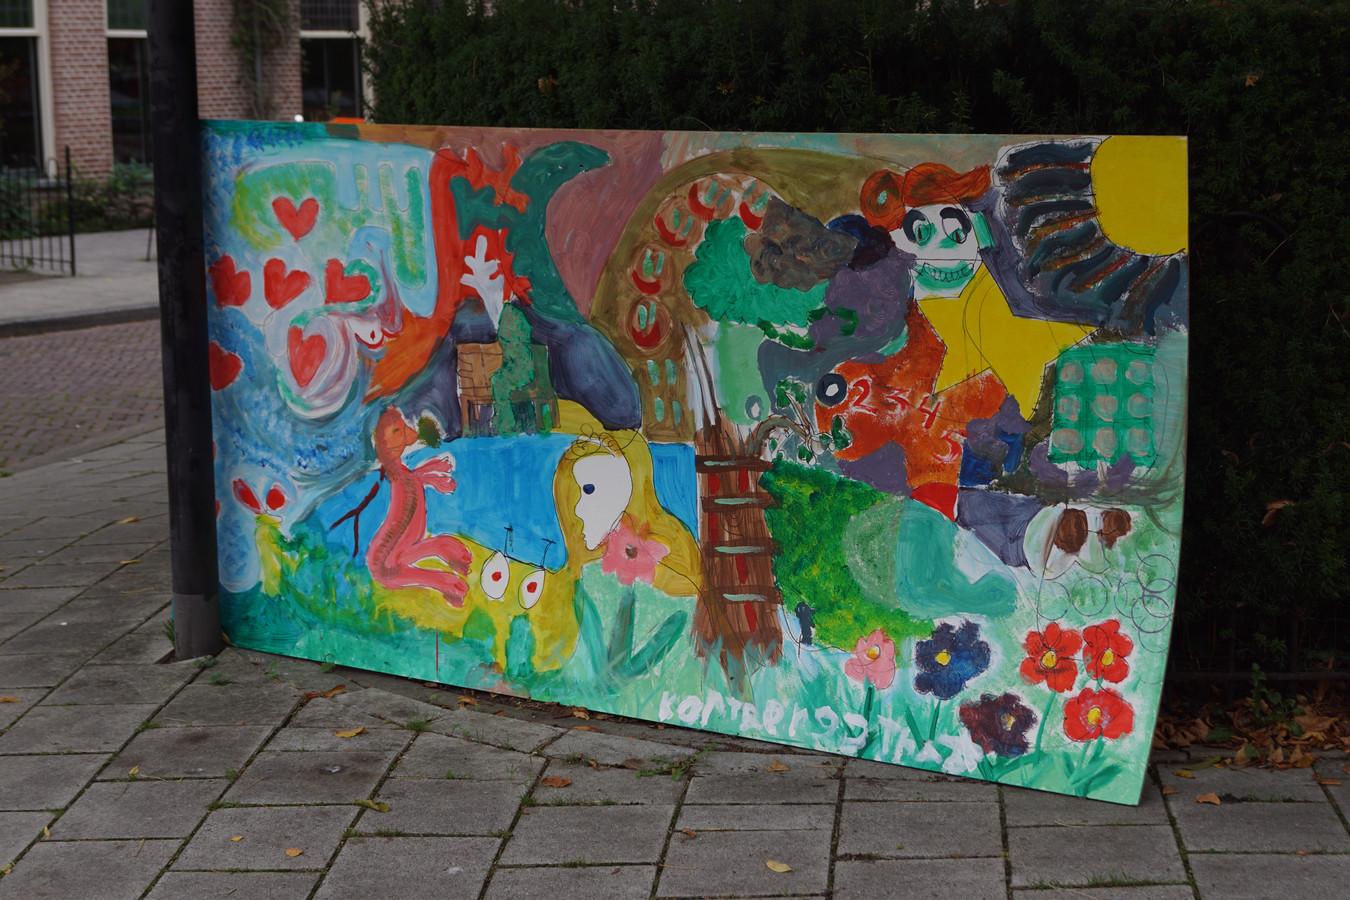 Schilderij Met Eigen Foto.Bewoners Korte Bergstraat Fleuren Wijk Op Met Eigen Schilderij